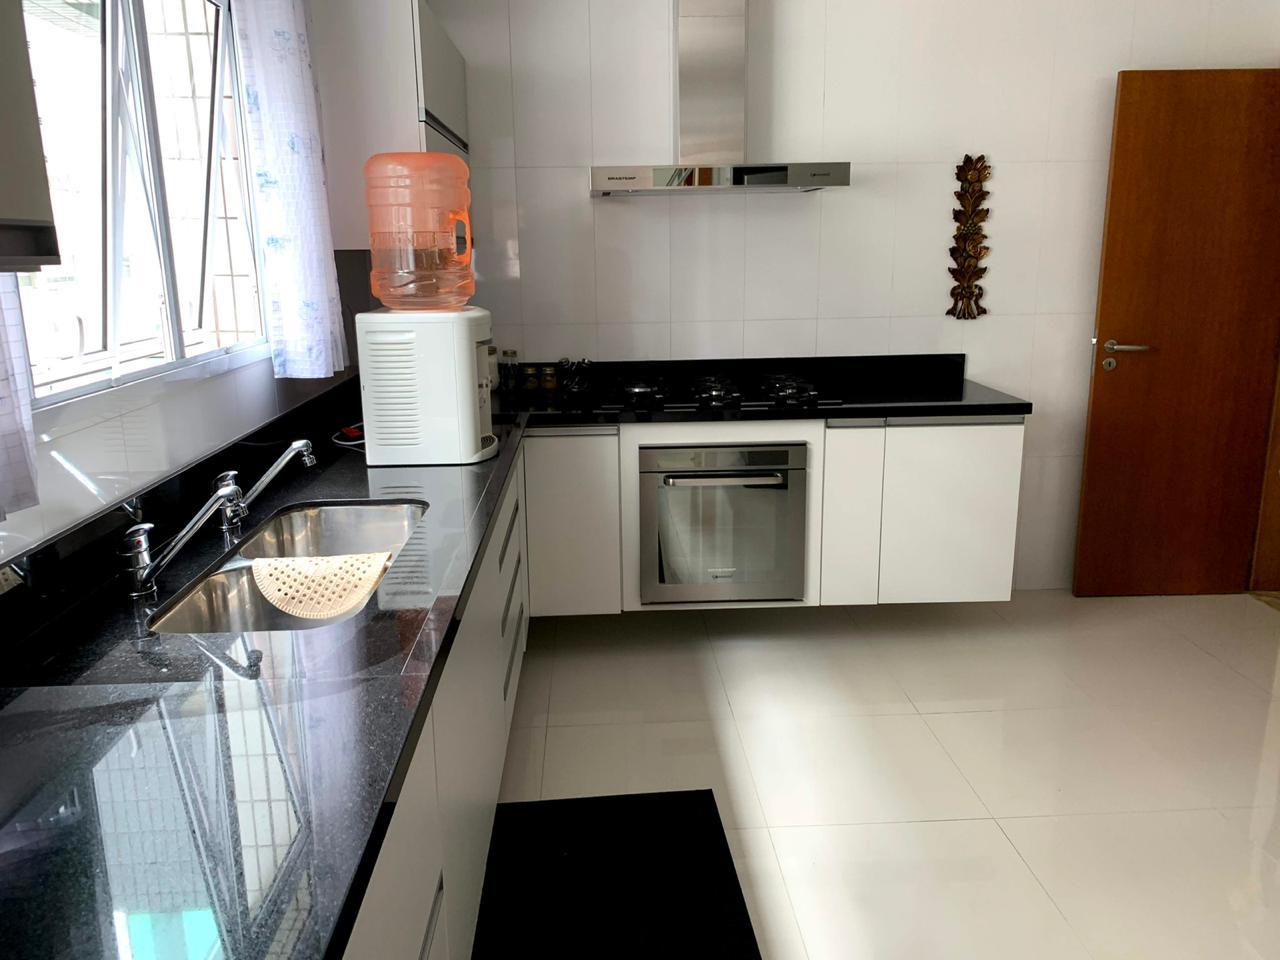 Excelente semi novo apartamento com 160m, uma quadra da Praia, Duas vagas de garagem, 3 suítes - foto 40